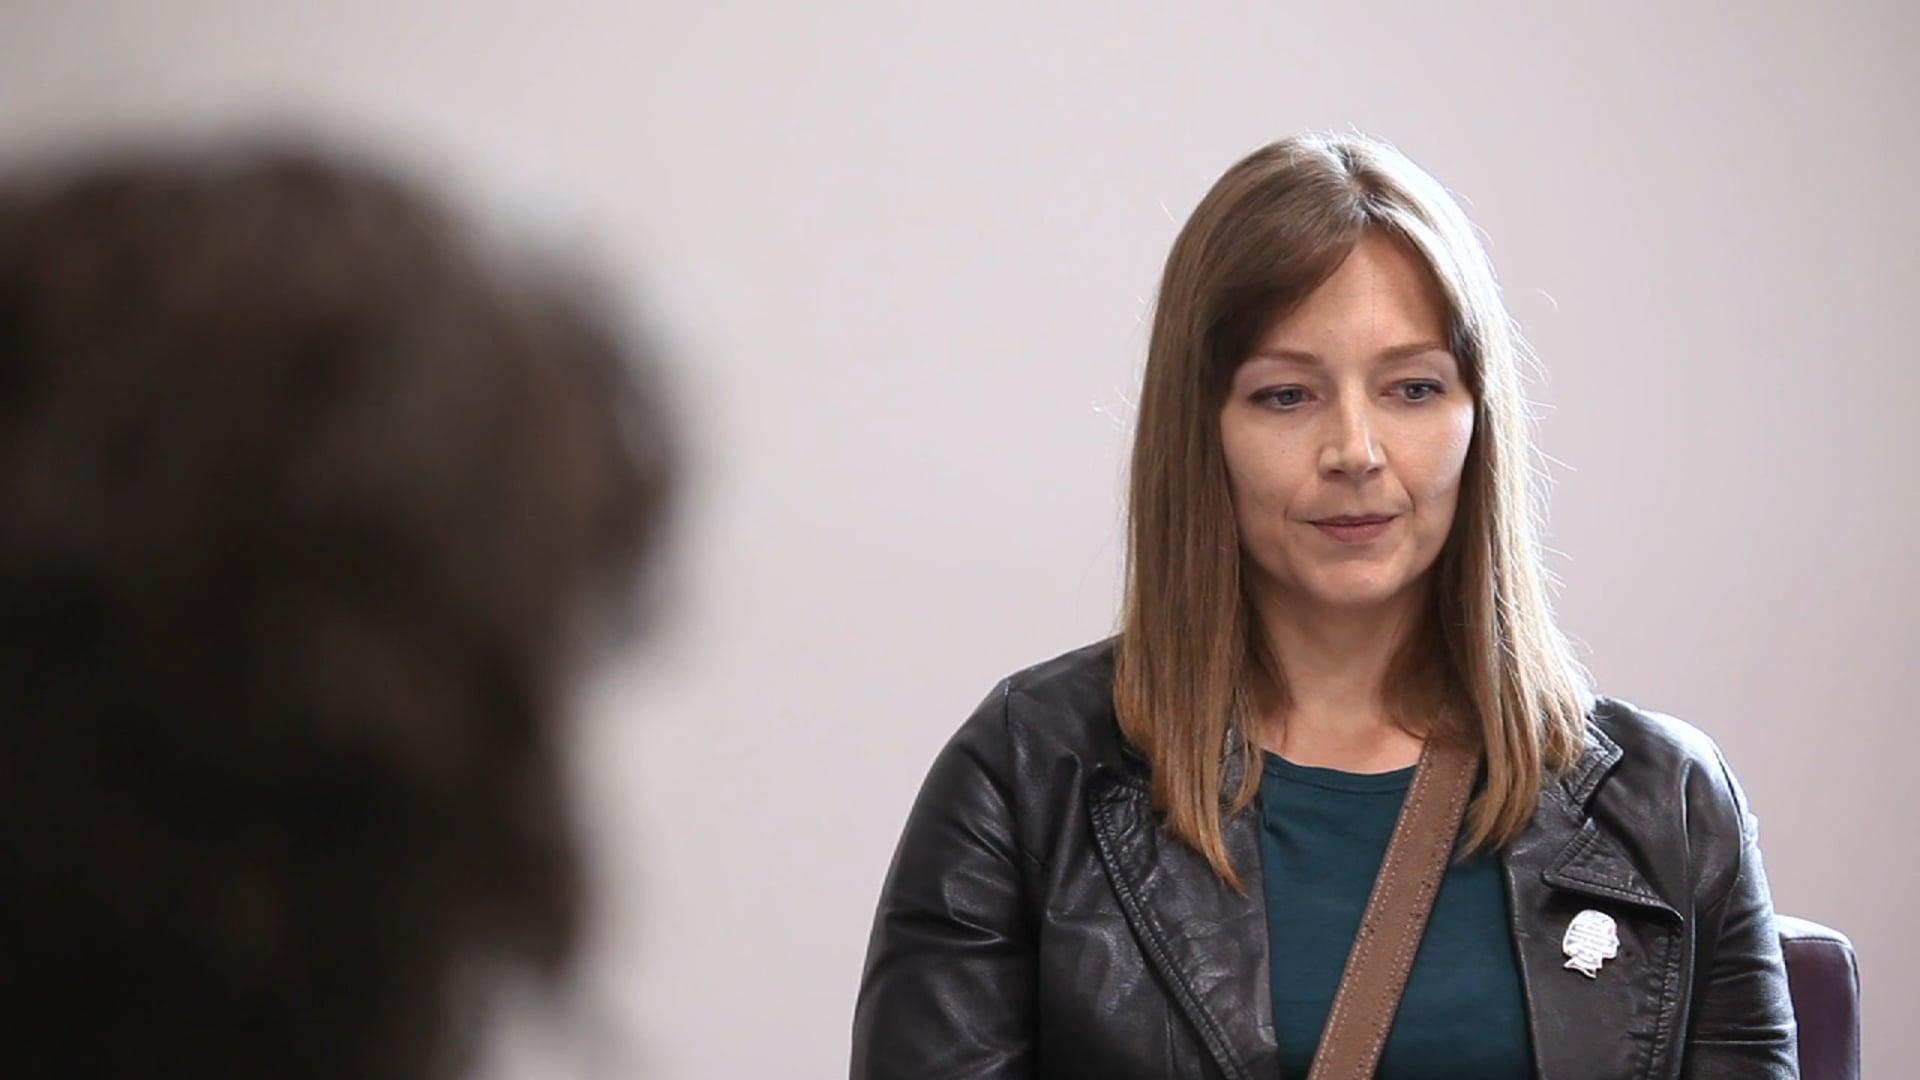 Tez Talks: Helen's Story